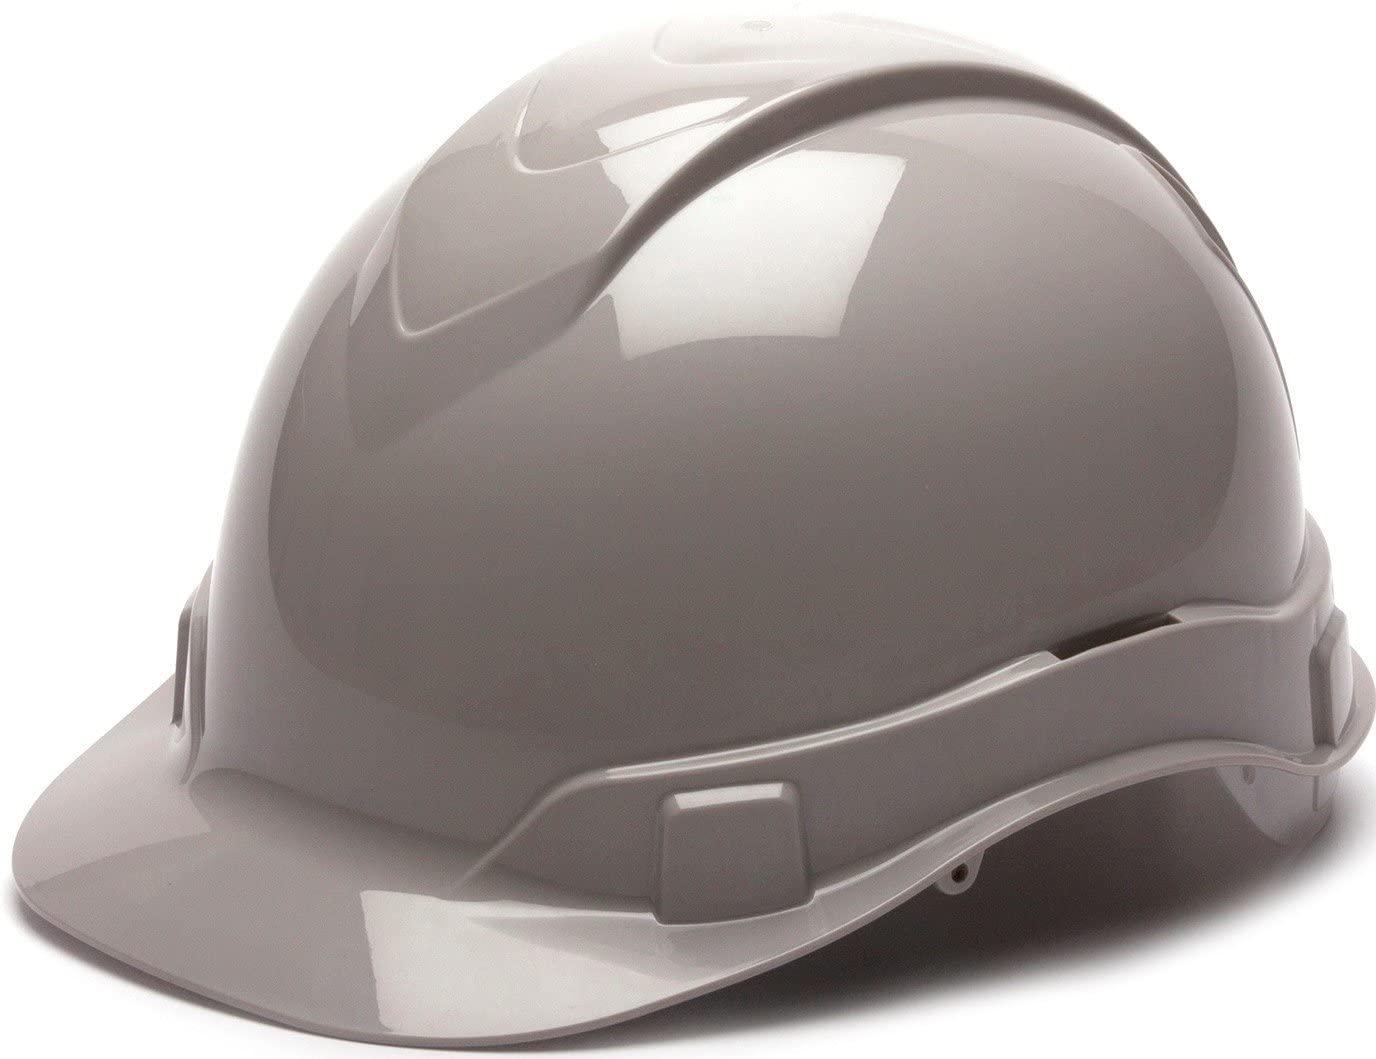 Pyramex Ridgeline Cap Style Glide Lock Suspension Hard Hat